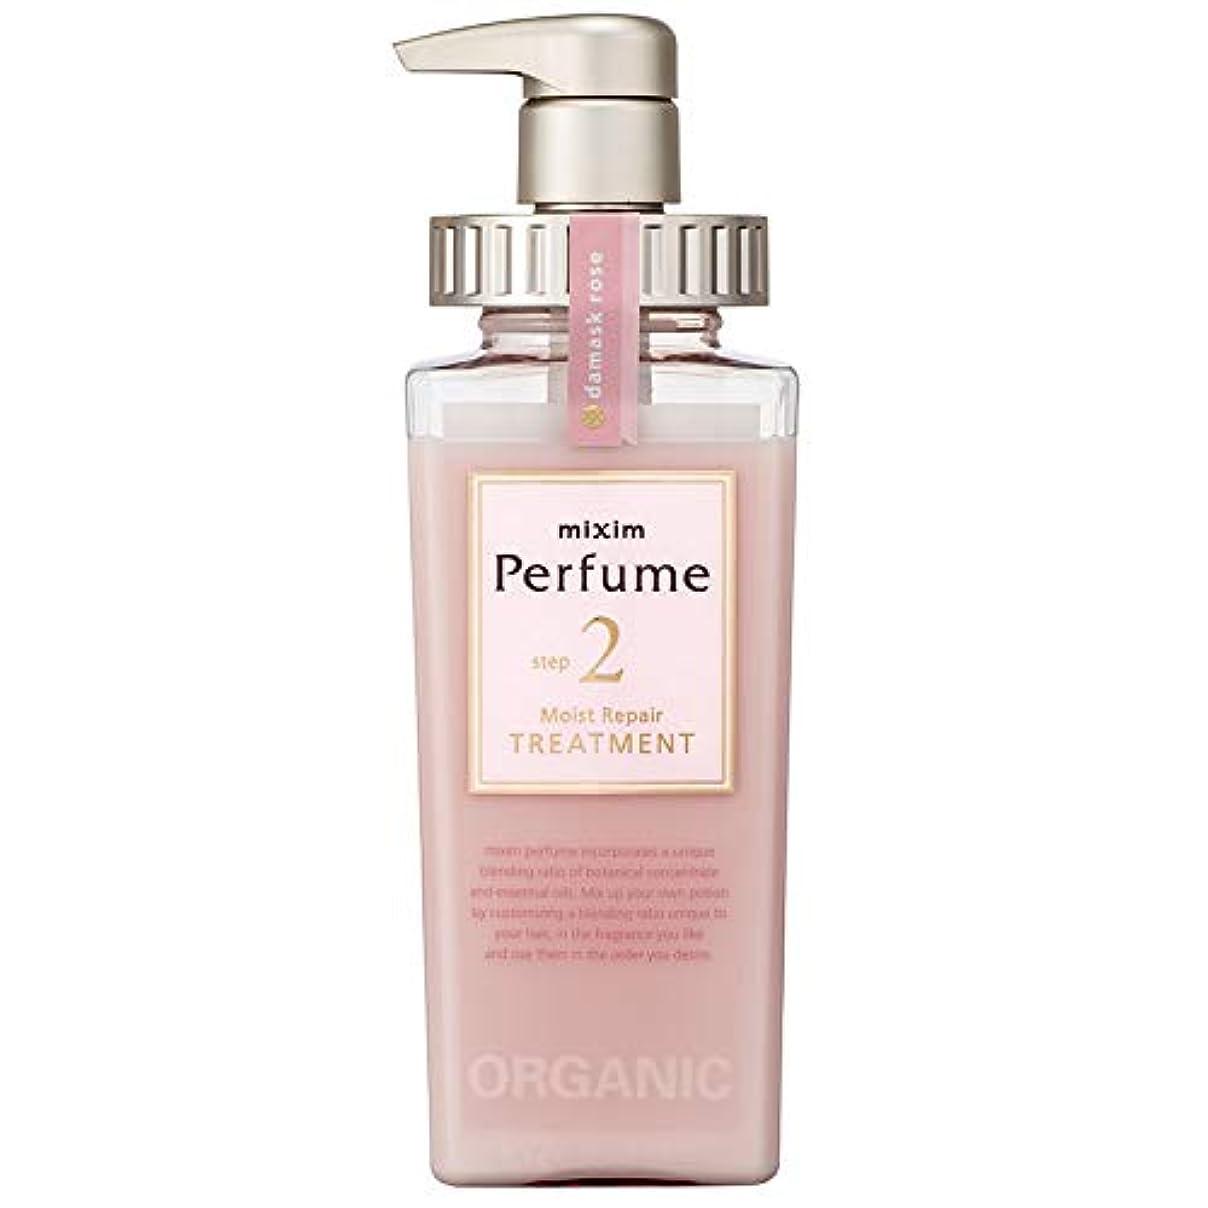 試す推定コーチmixim Perfume(ミクシムパフューム) モイストリペア ヘアトリートメント 440g